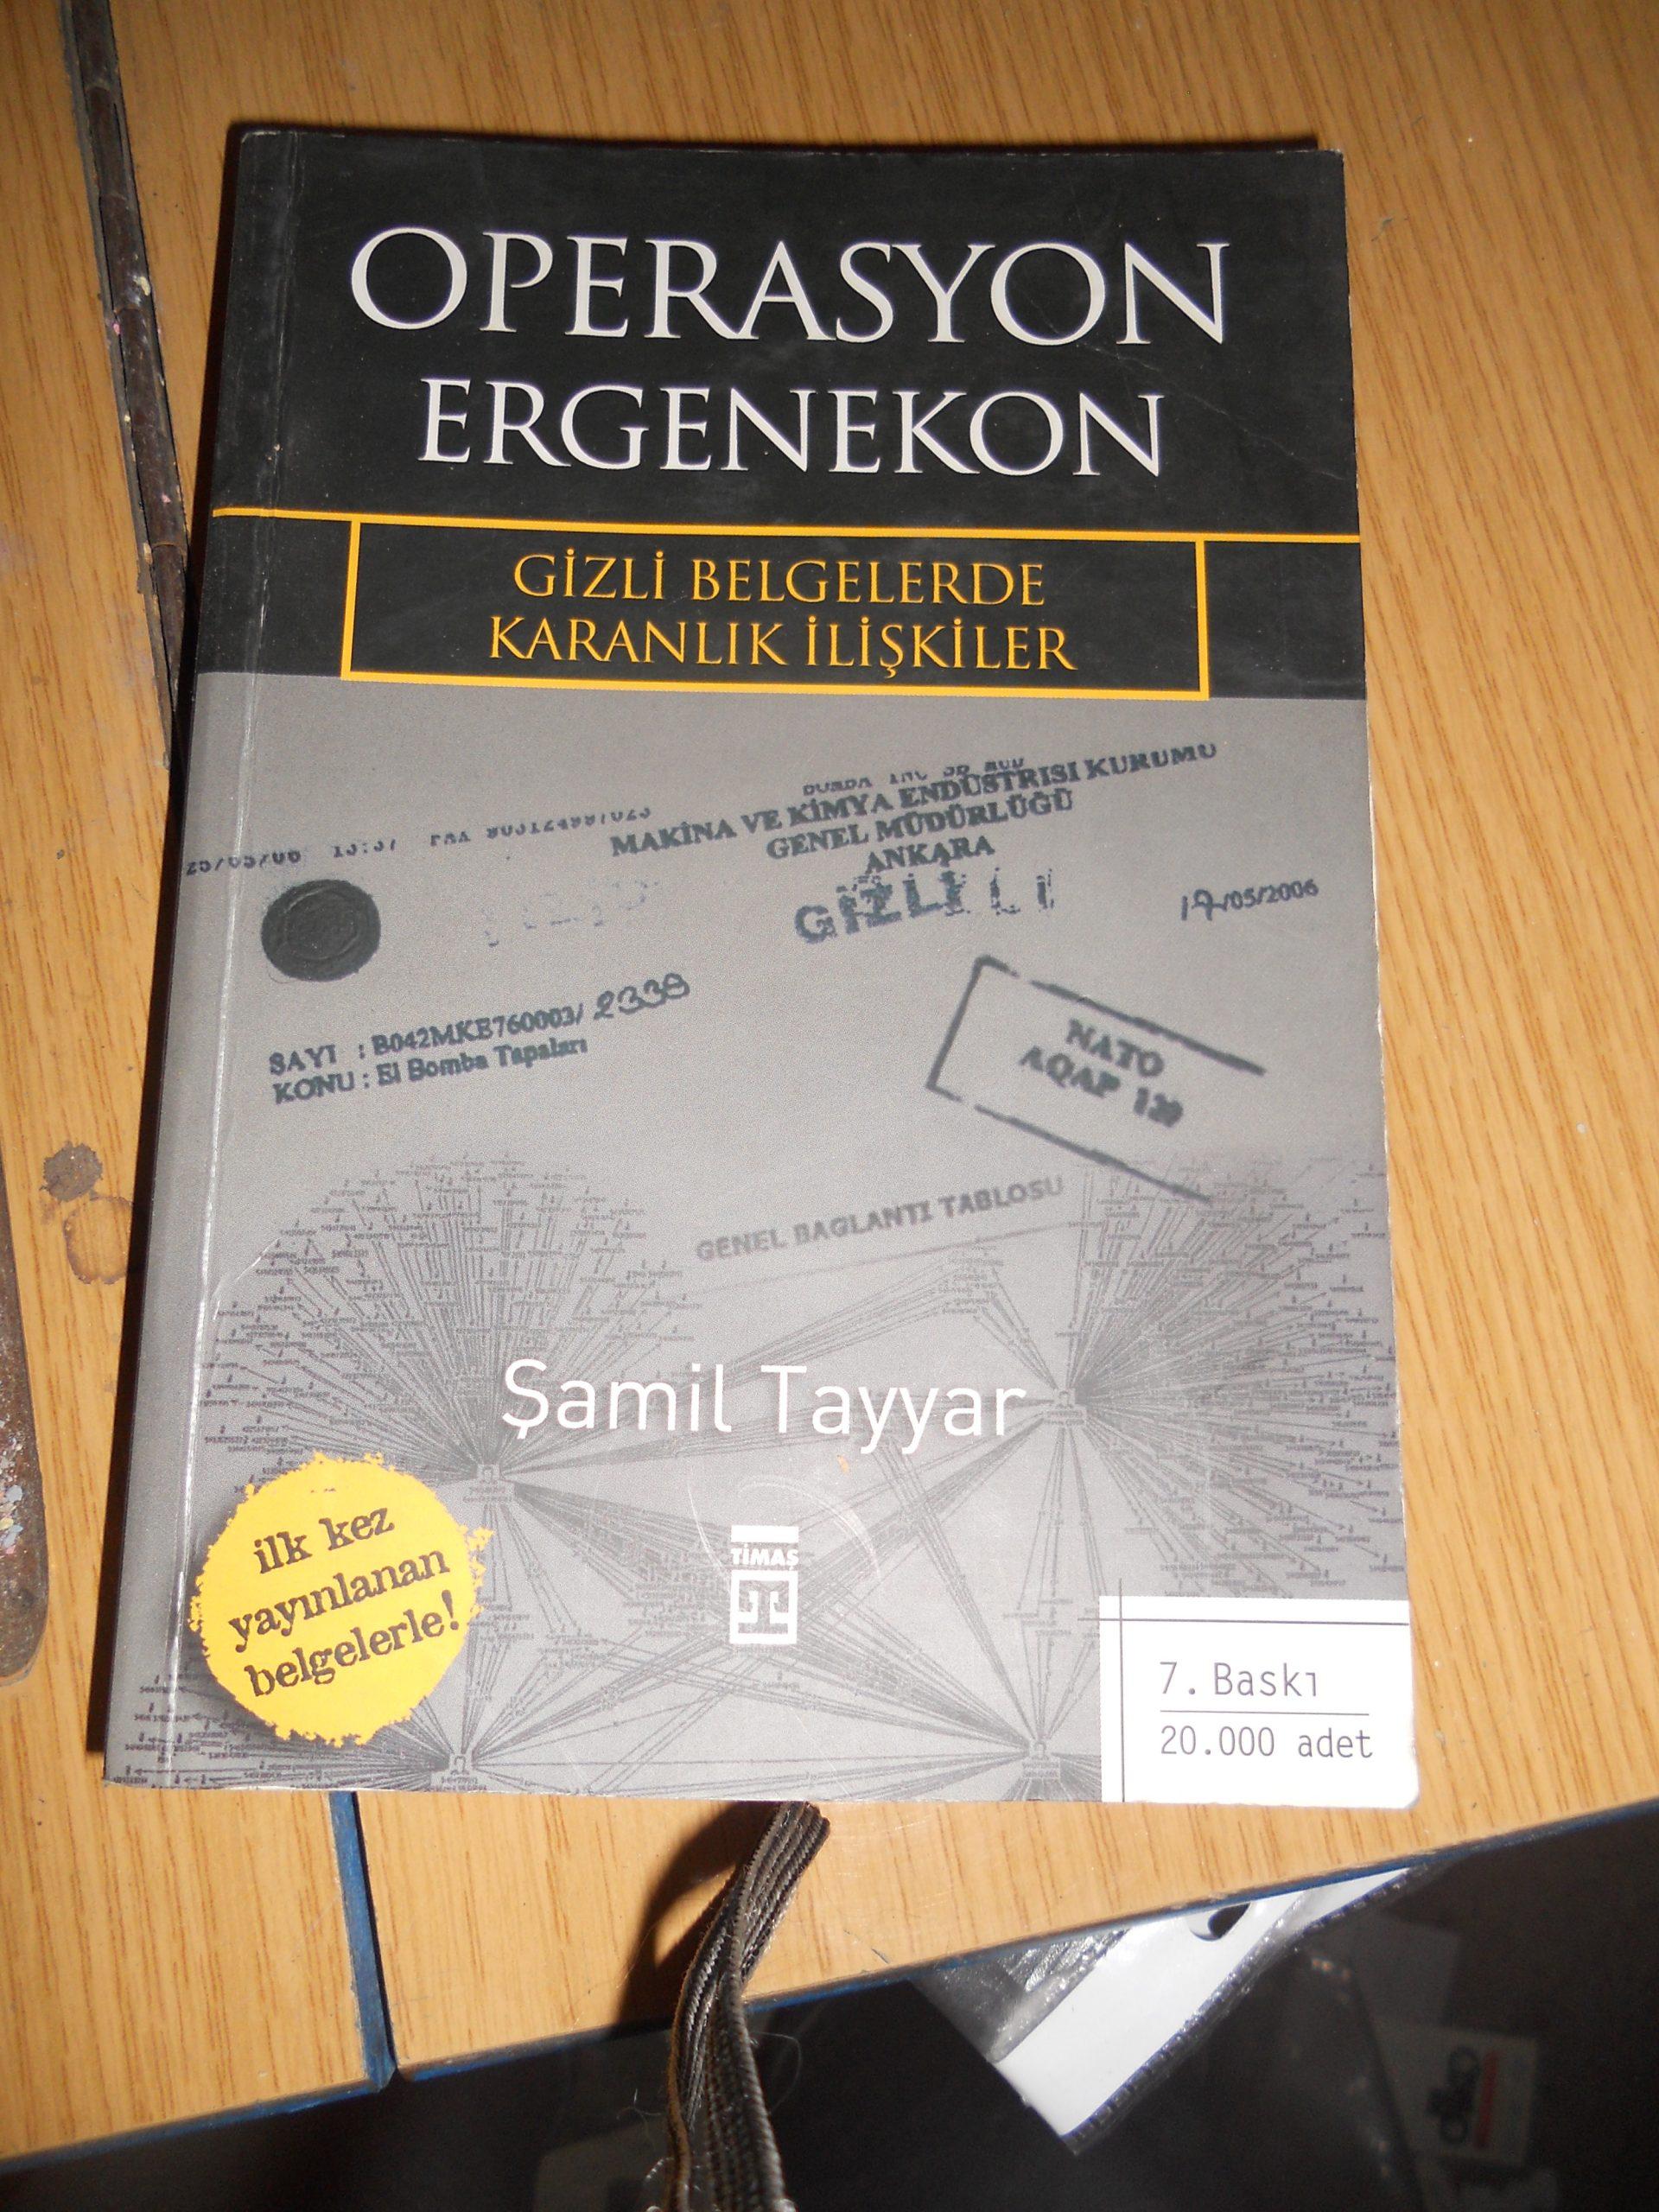 OPERASYON ERGENEKON(Gizli belgelerde karanlık ilişkiler)/Şamil TAYYAR/10 tl